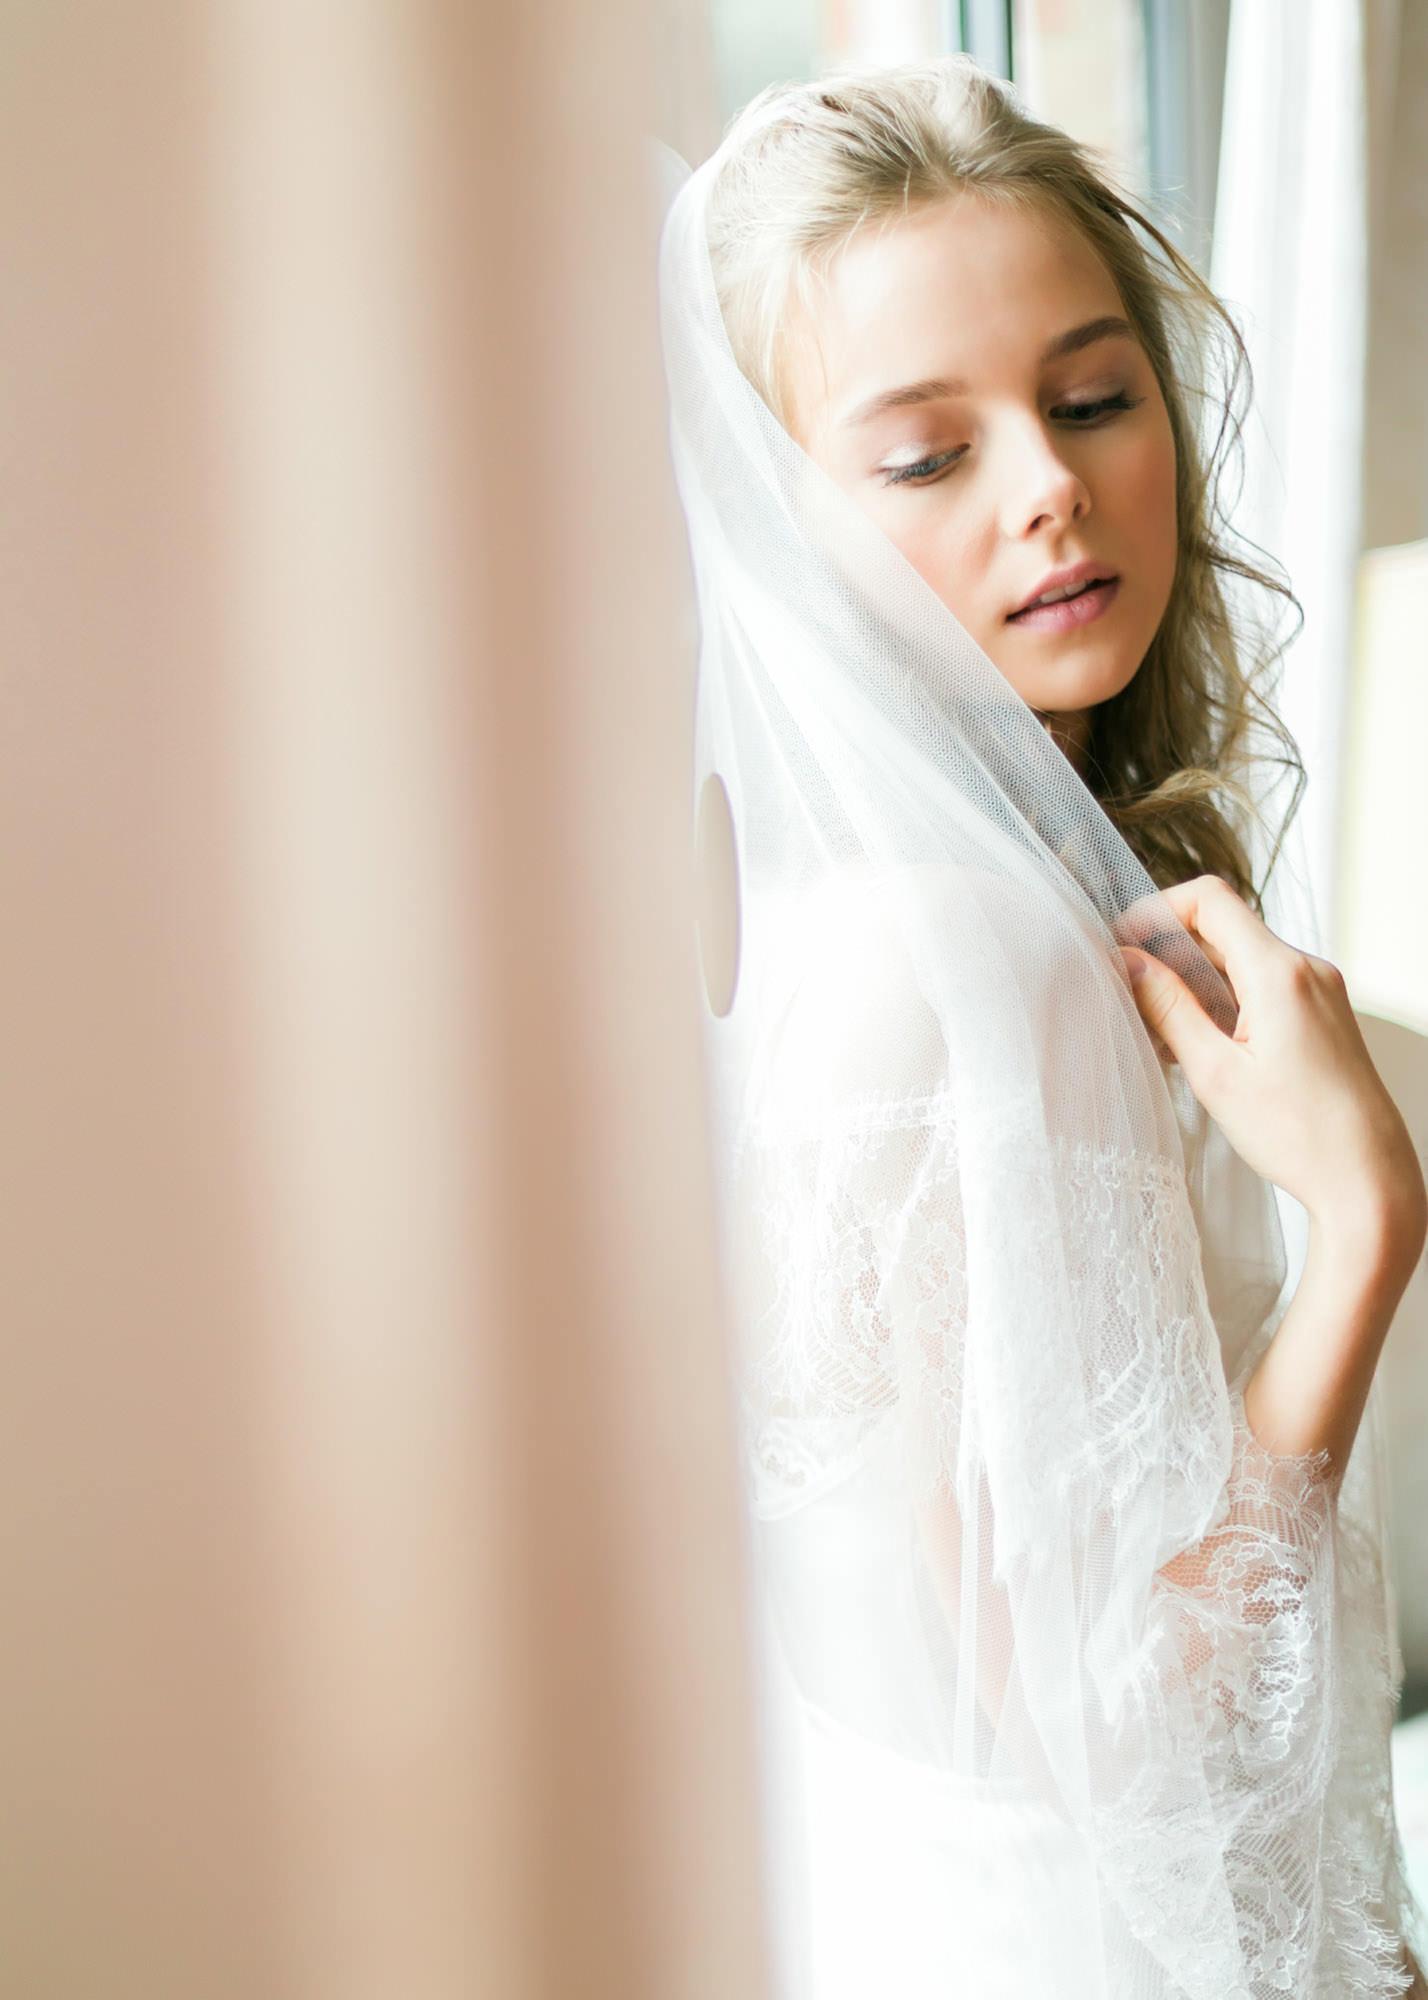 26-tuscany-wedding-photographer-italy-p-g